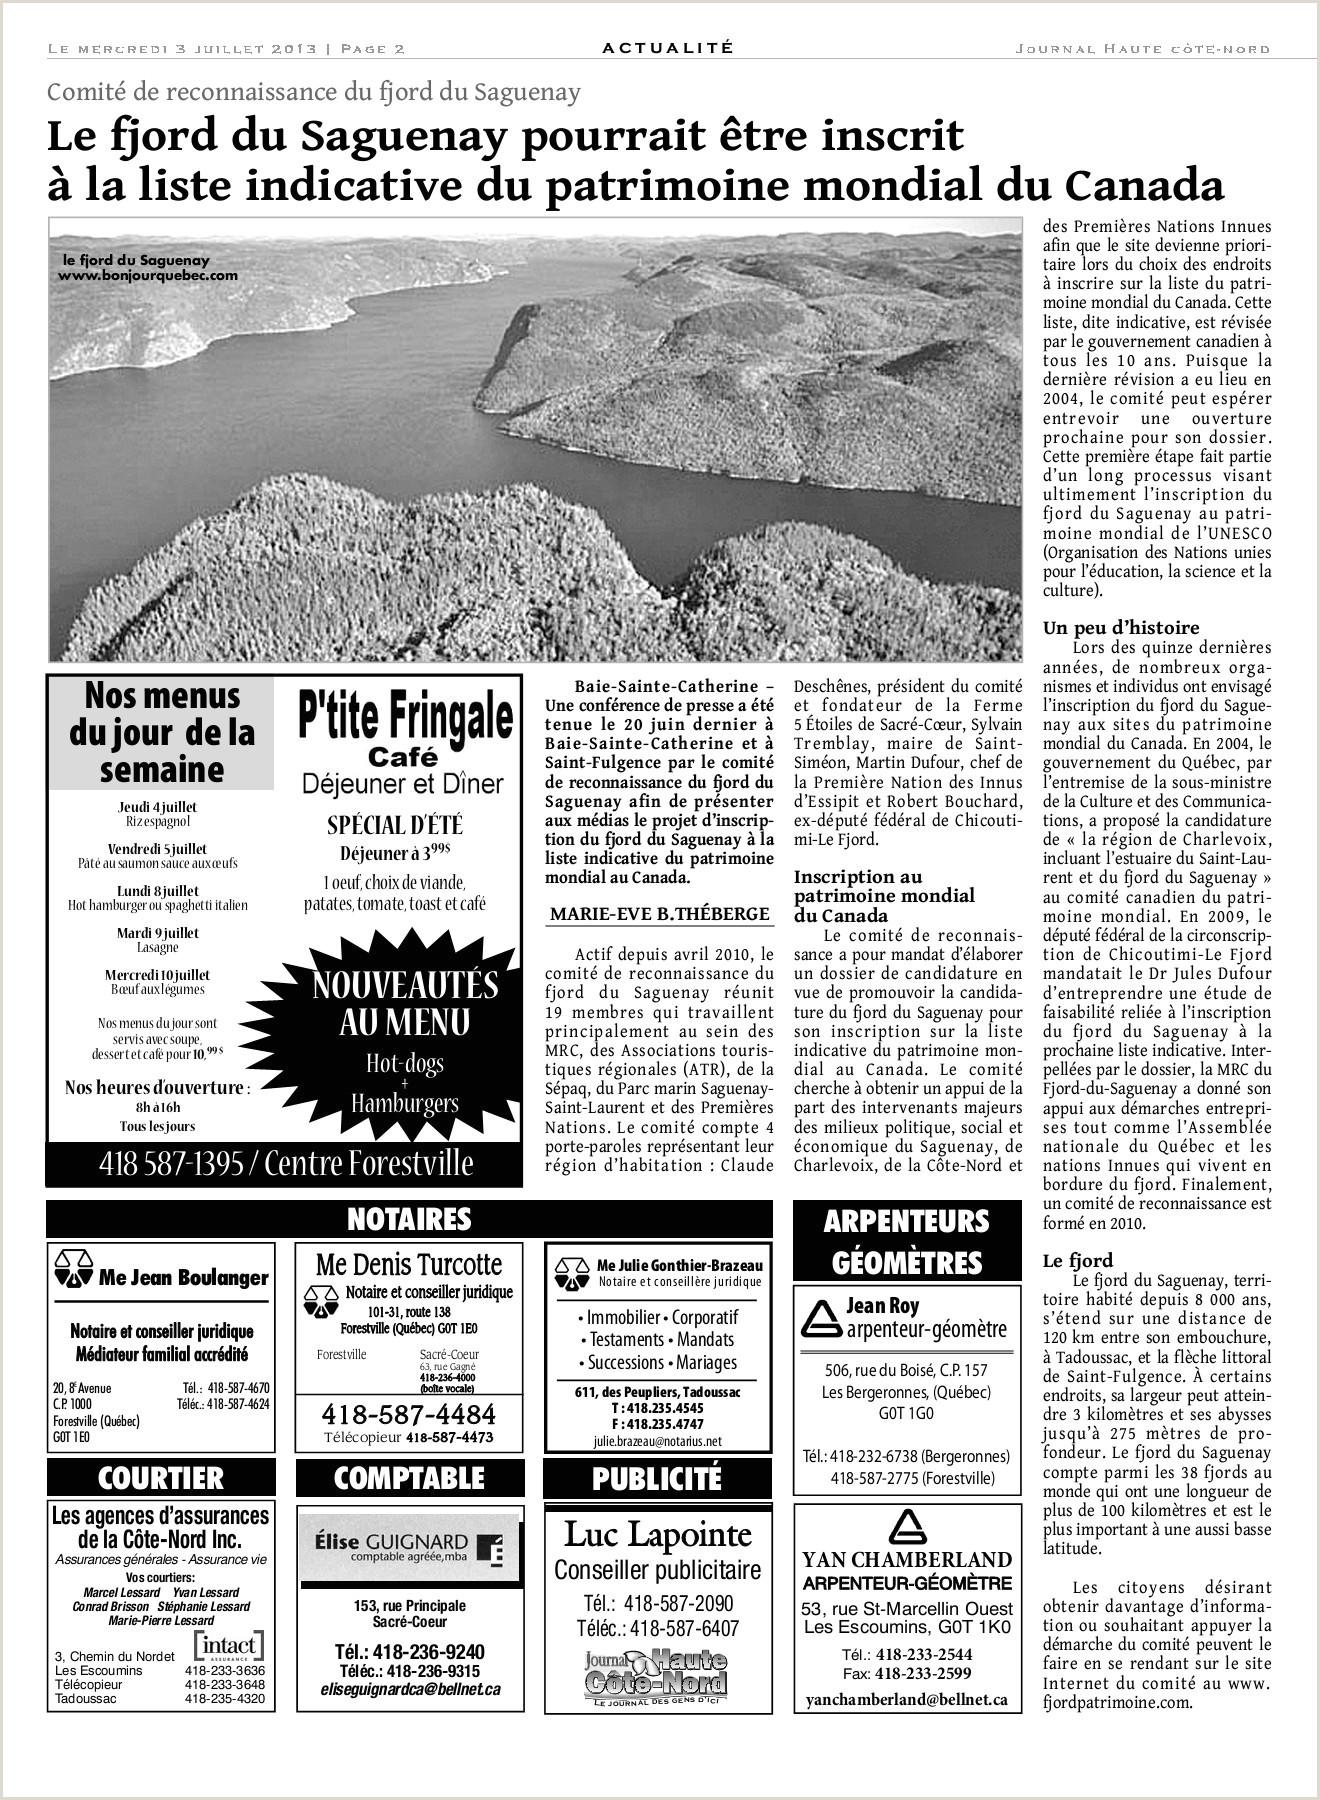 Le Haute C´te Nord 03 juillet 2013 Pages 1 32 Text